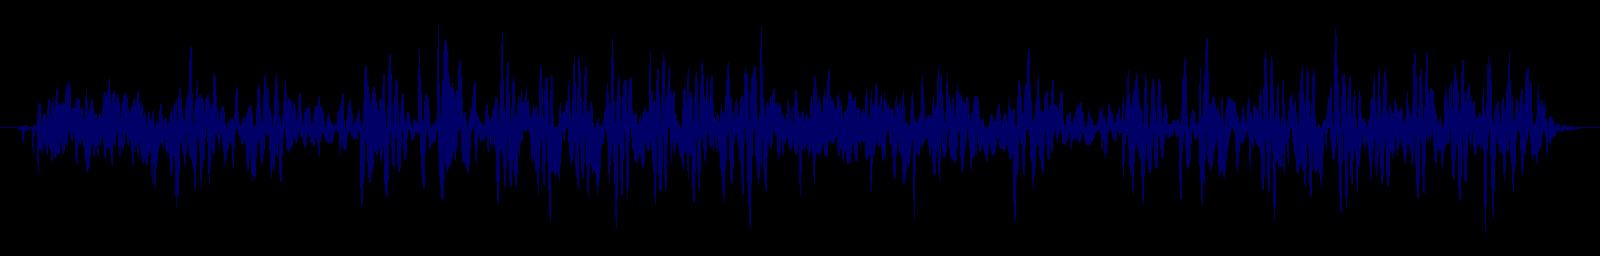 waveform of track #149816